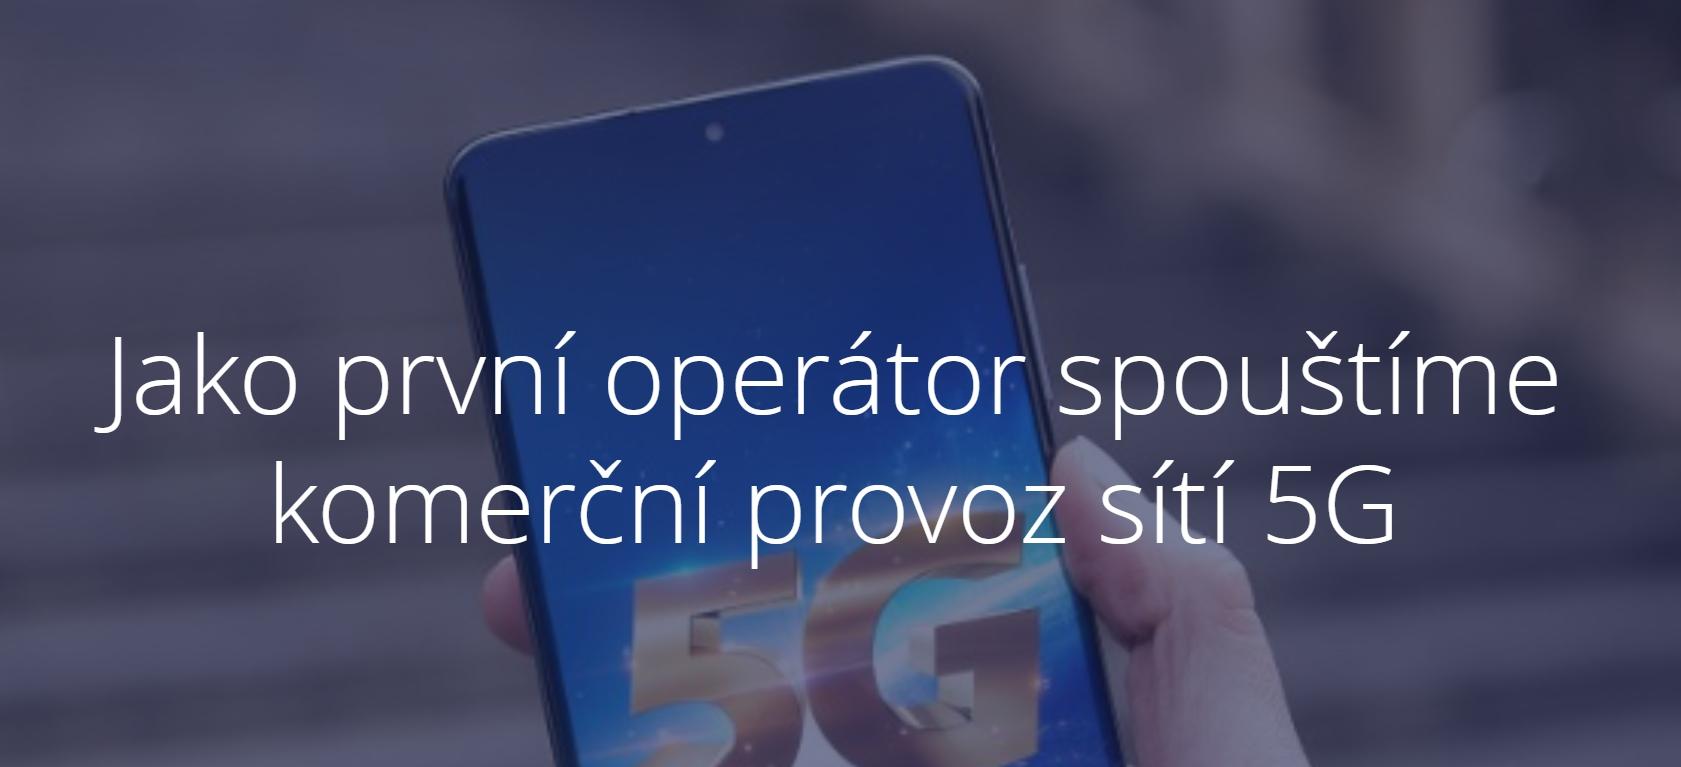 O2 spouští 5G pro zákazníky, ale nečekejte zázraky